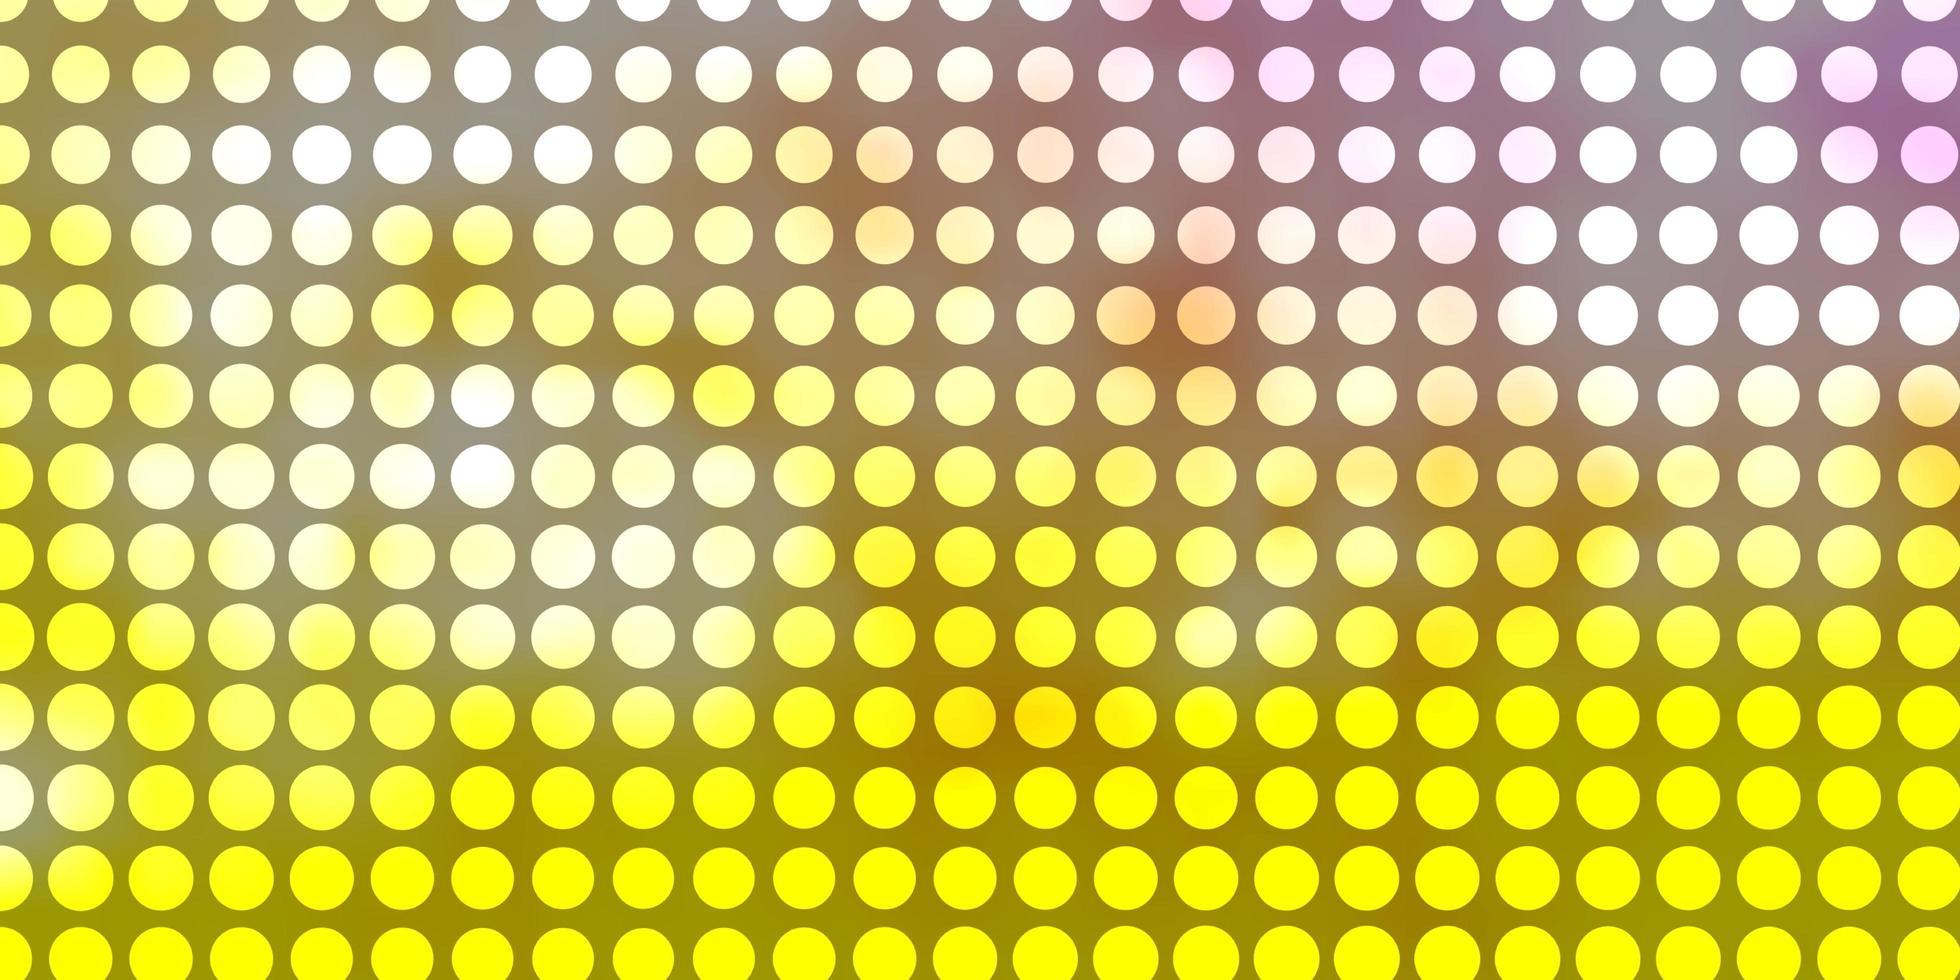 hellrosa, gelbe Vektorschablone mit Kreisen. vektor